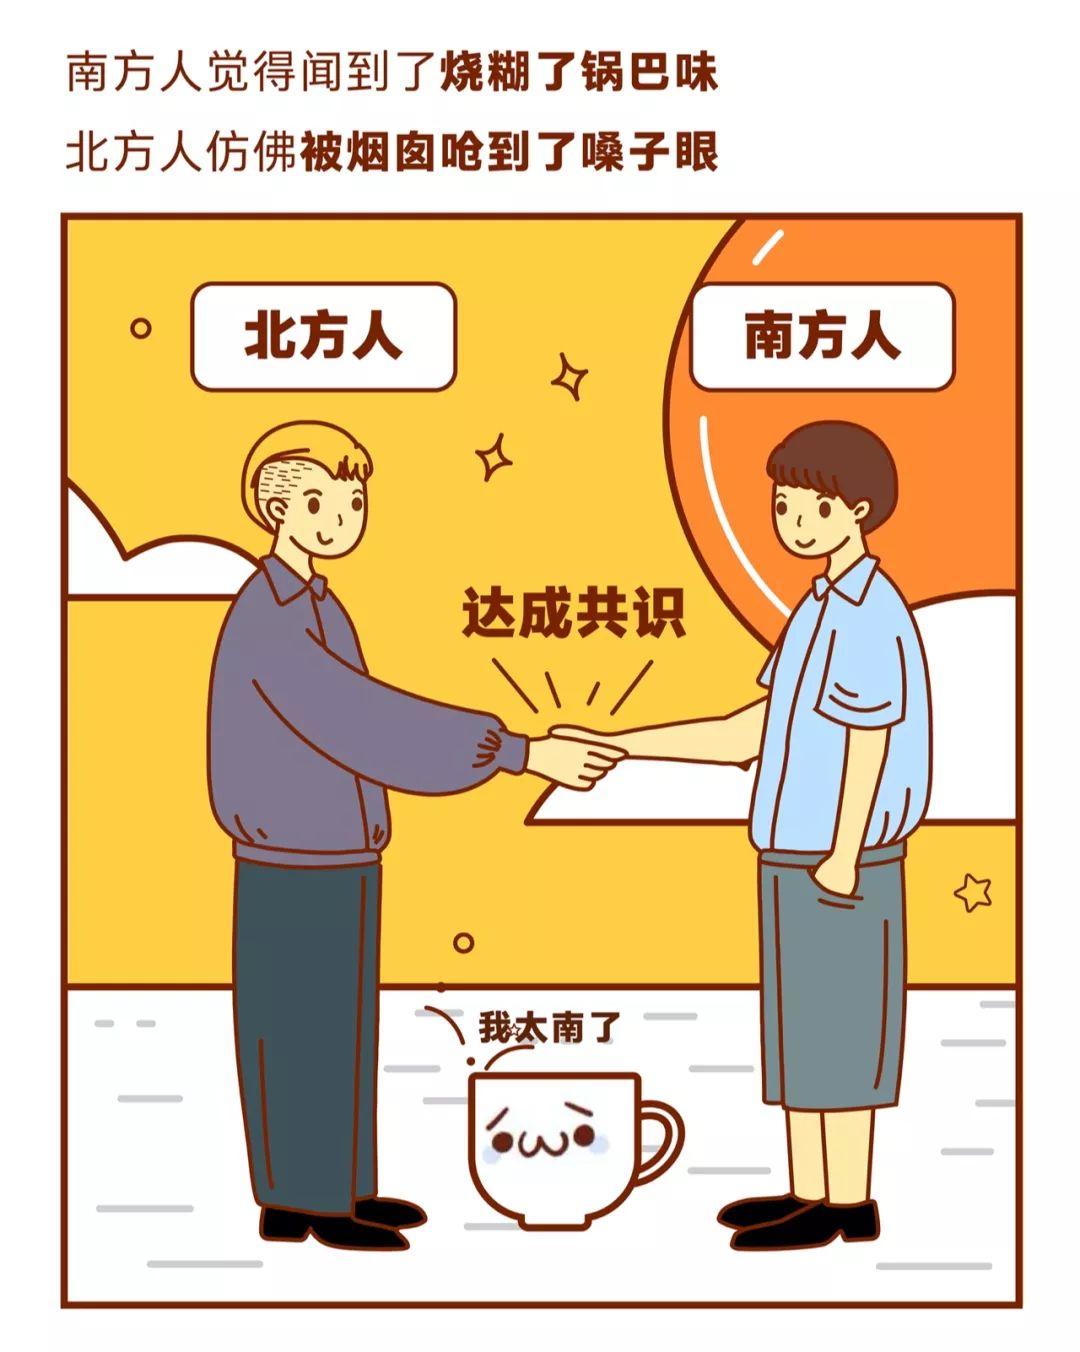 原来爱就是这样子_中国人为什么就是爱喝拿铁?|拿铁_新浪科技_新浪网